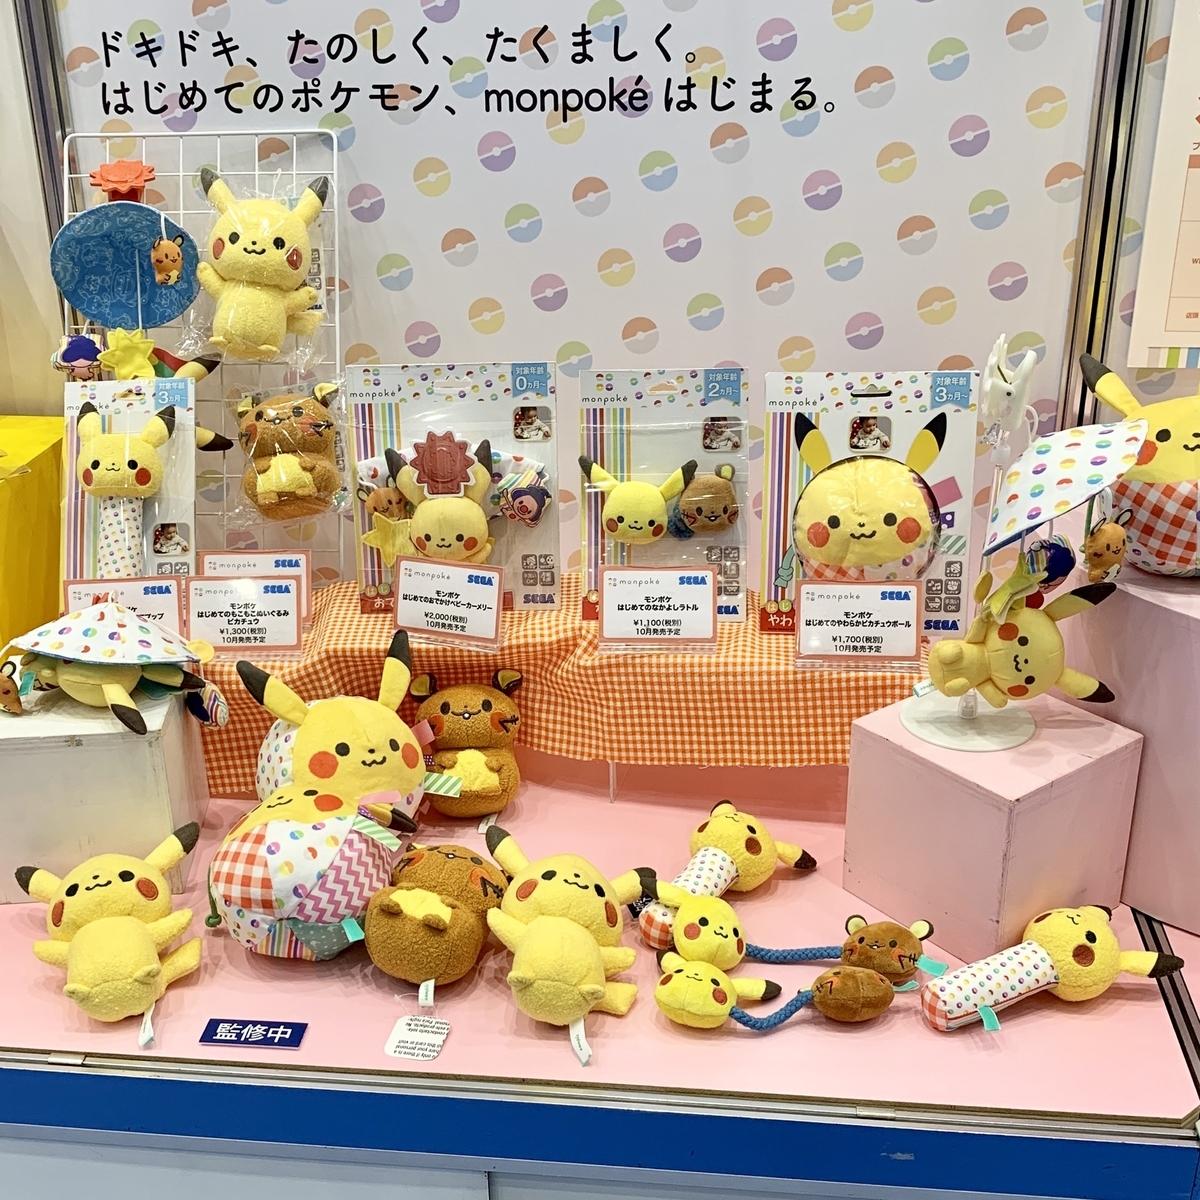 f:id:pikachu_pcn:20190613212415j:plain